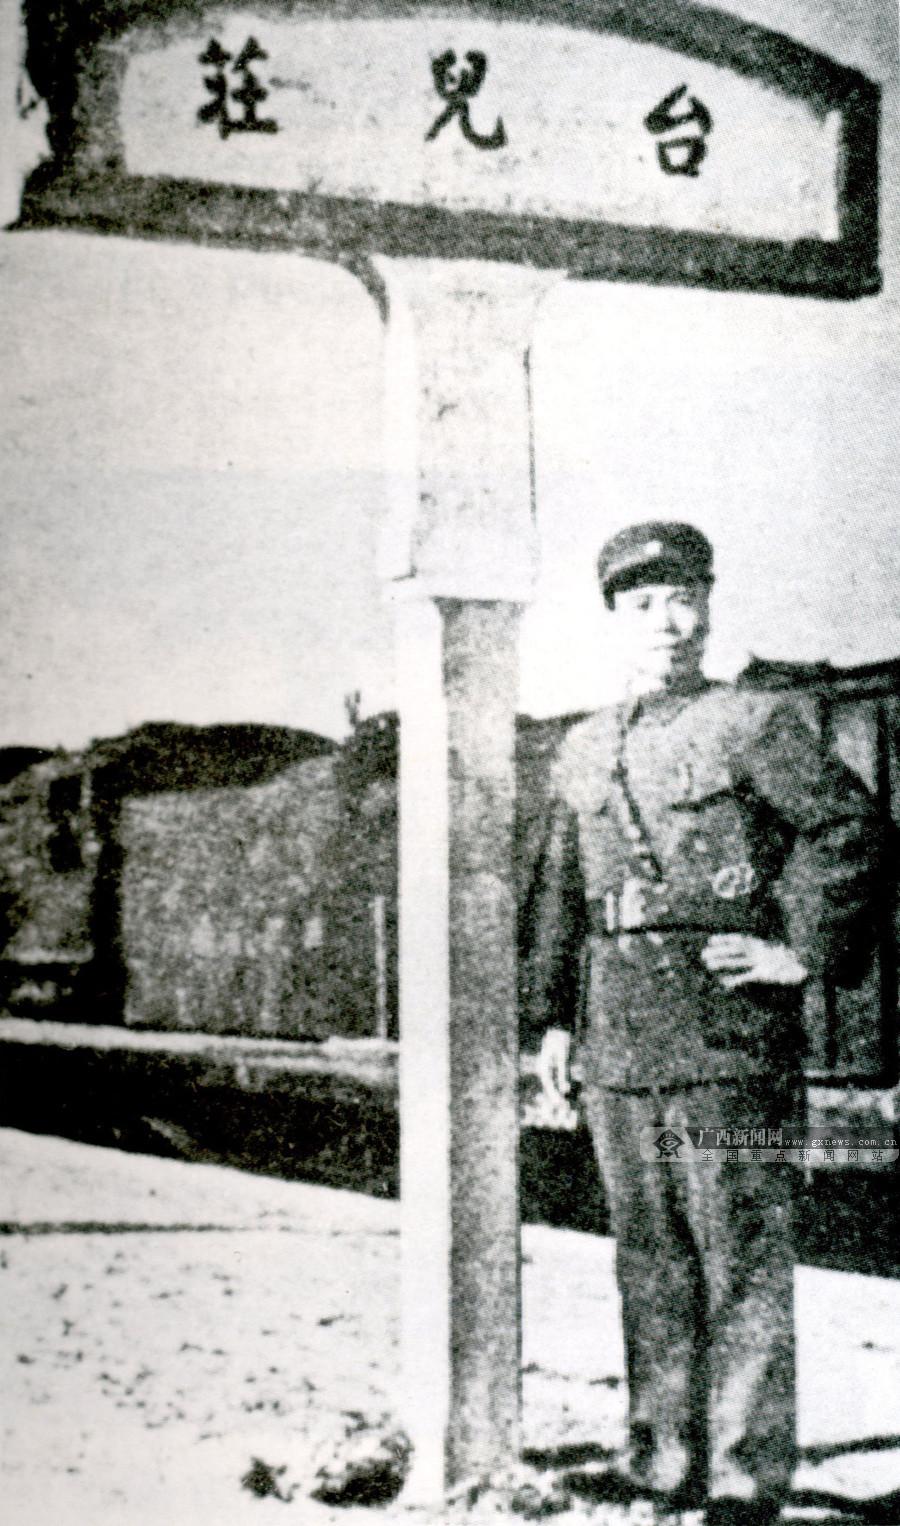 徐州会战中由李宗仁、白崇禧等指挥的台儿庄战役,是抗日战争中正面战场最大的胜利之一。图为1938年台儿庄大捷后,李宗仁在台儿庄火车站。(广西壮族自治区档案馆供图)